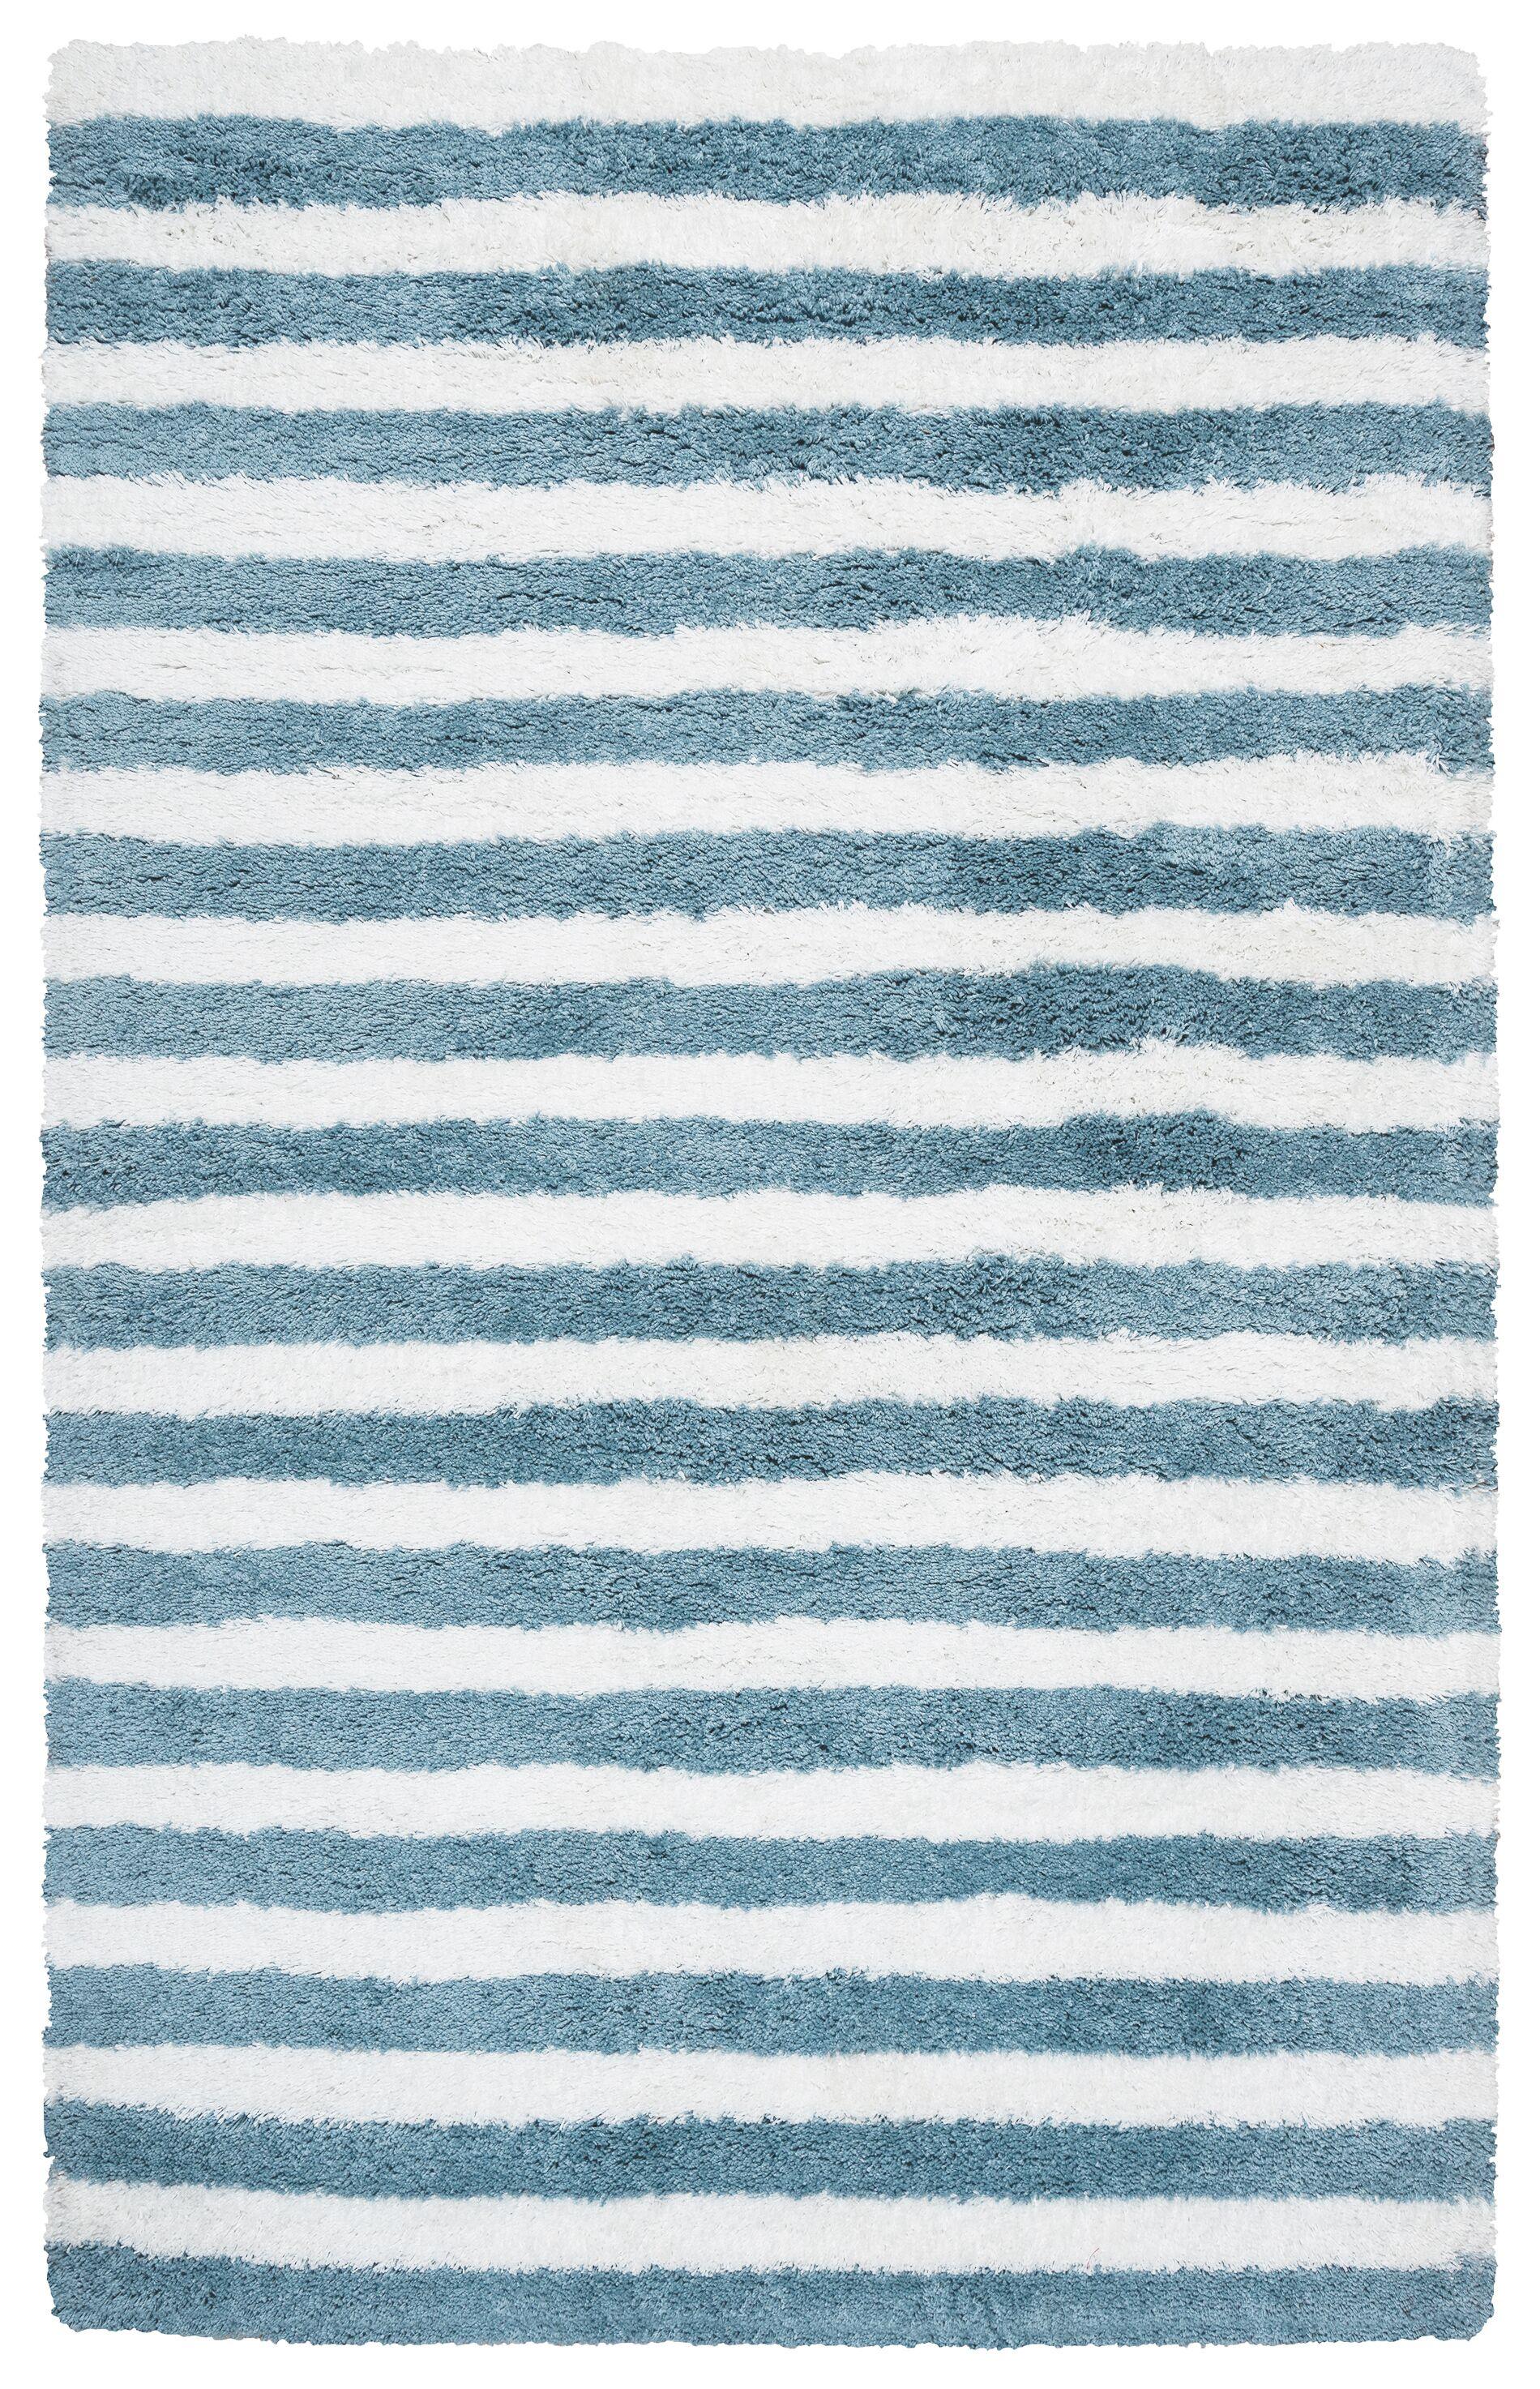 Laoise Hand-Tufted Aqua Area Rug Size: Rectangle 3'6